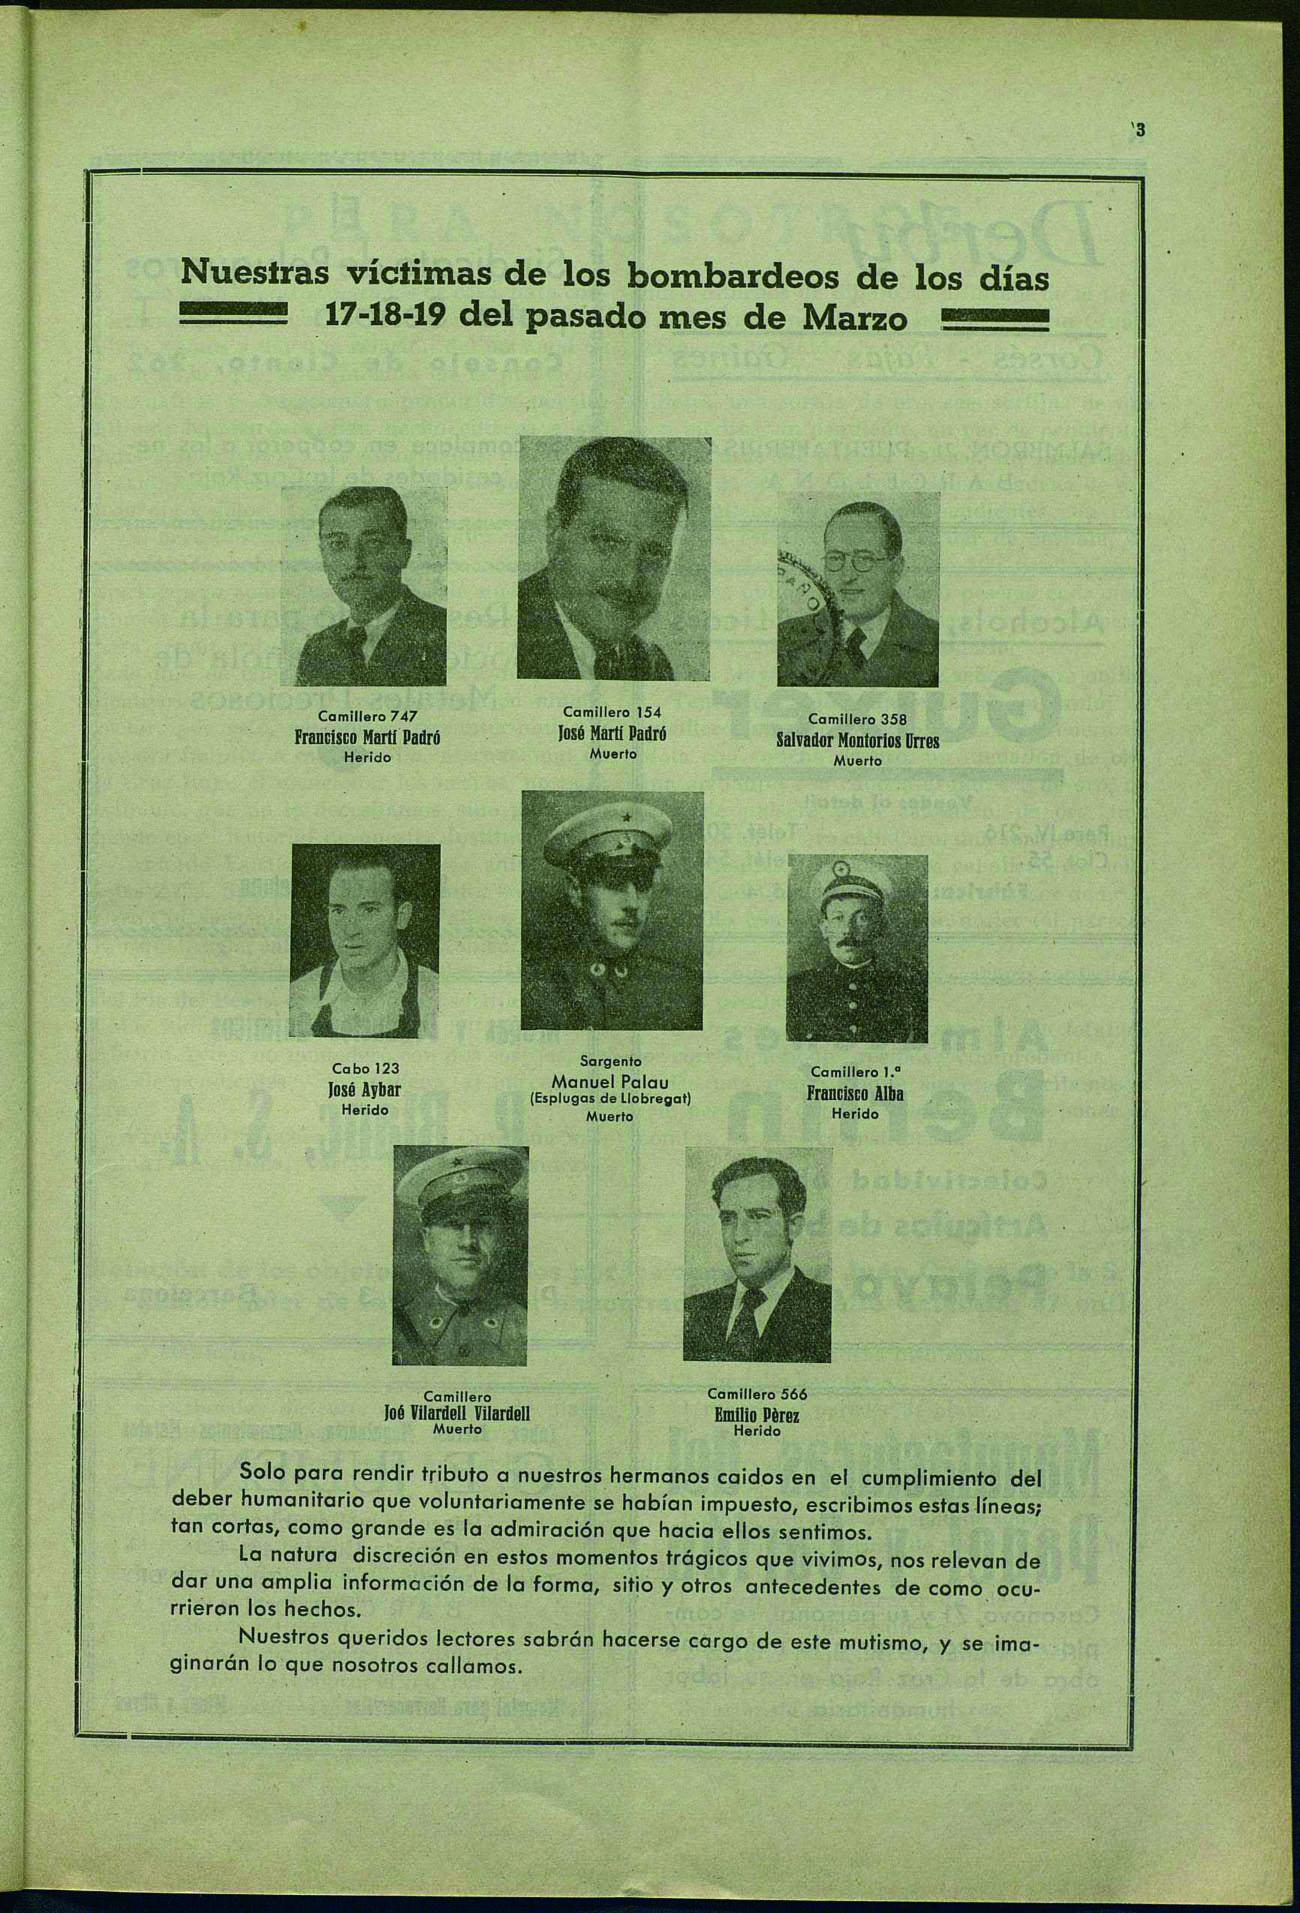 Boletín oficial de la Brigada no. 1 de la Cruz Roja. Núm. 219 (1 abril 1938), p. 15